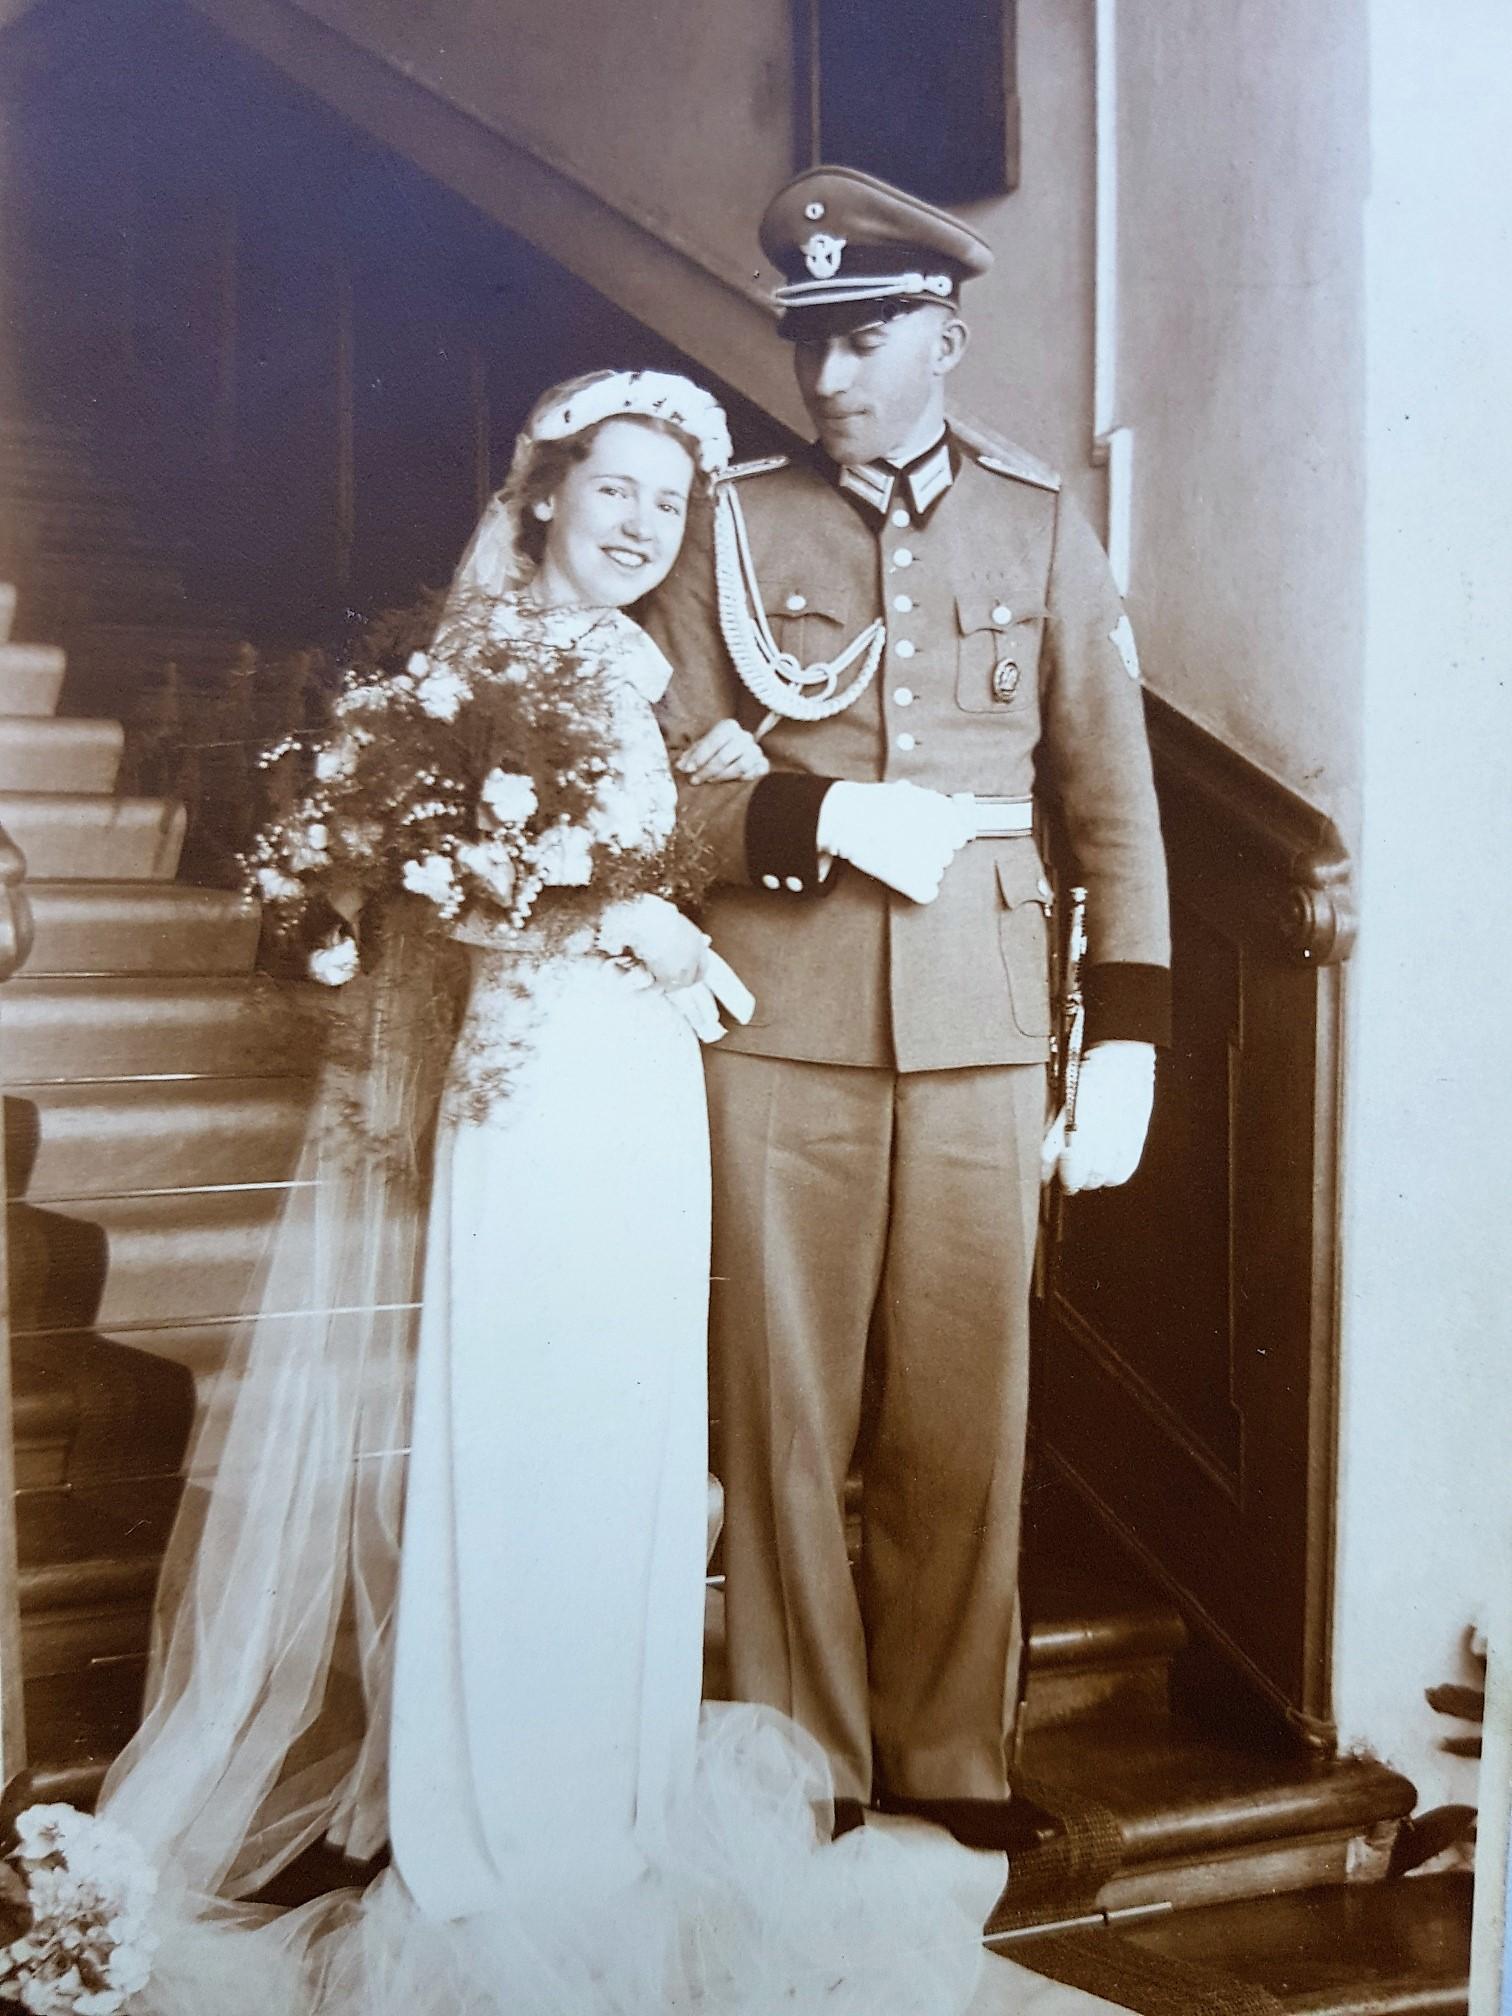 svatba komtesy Thun 1941